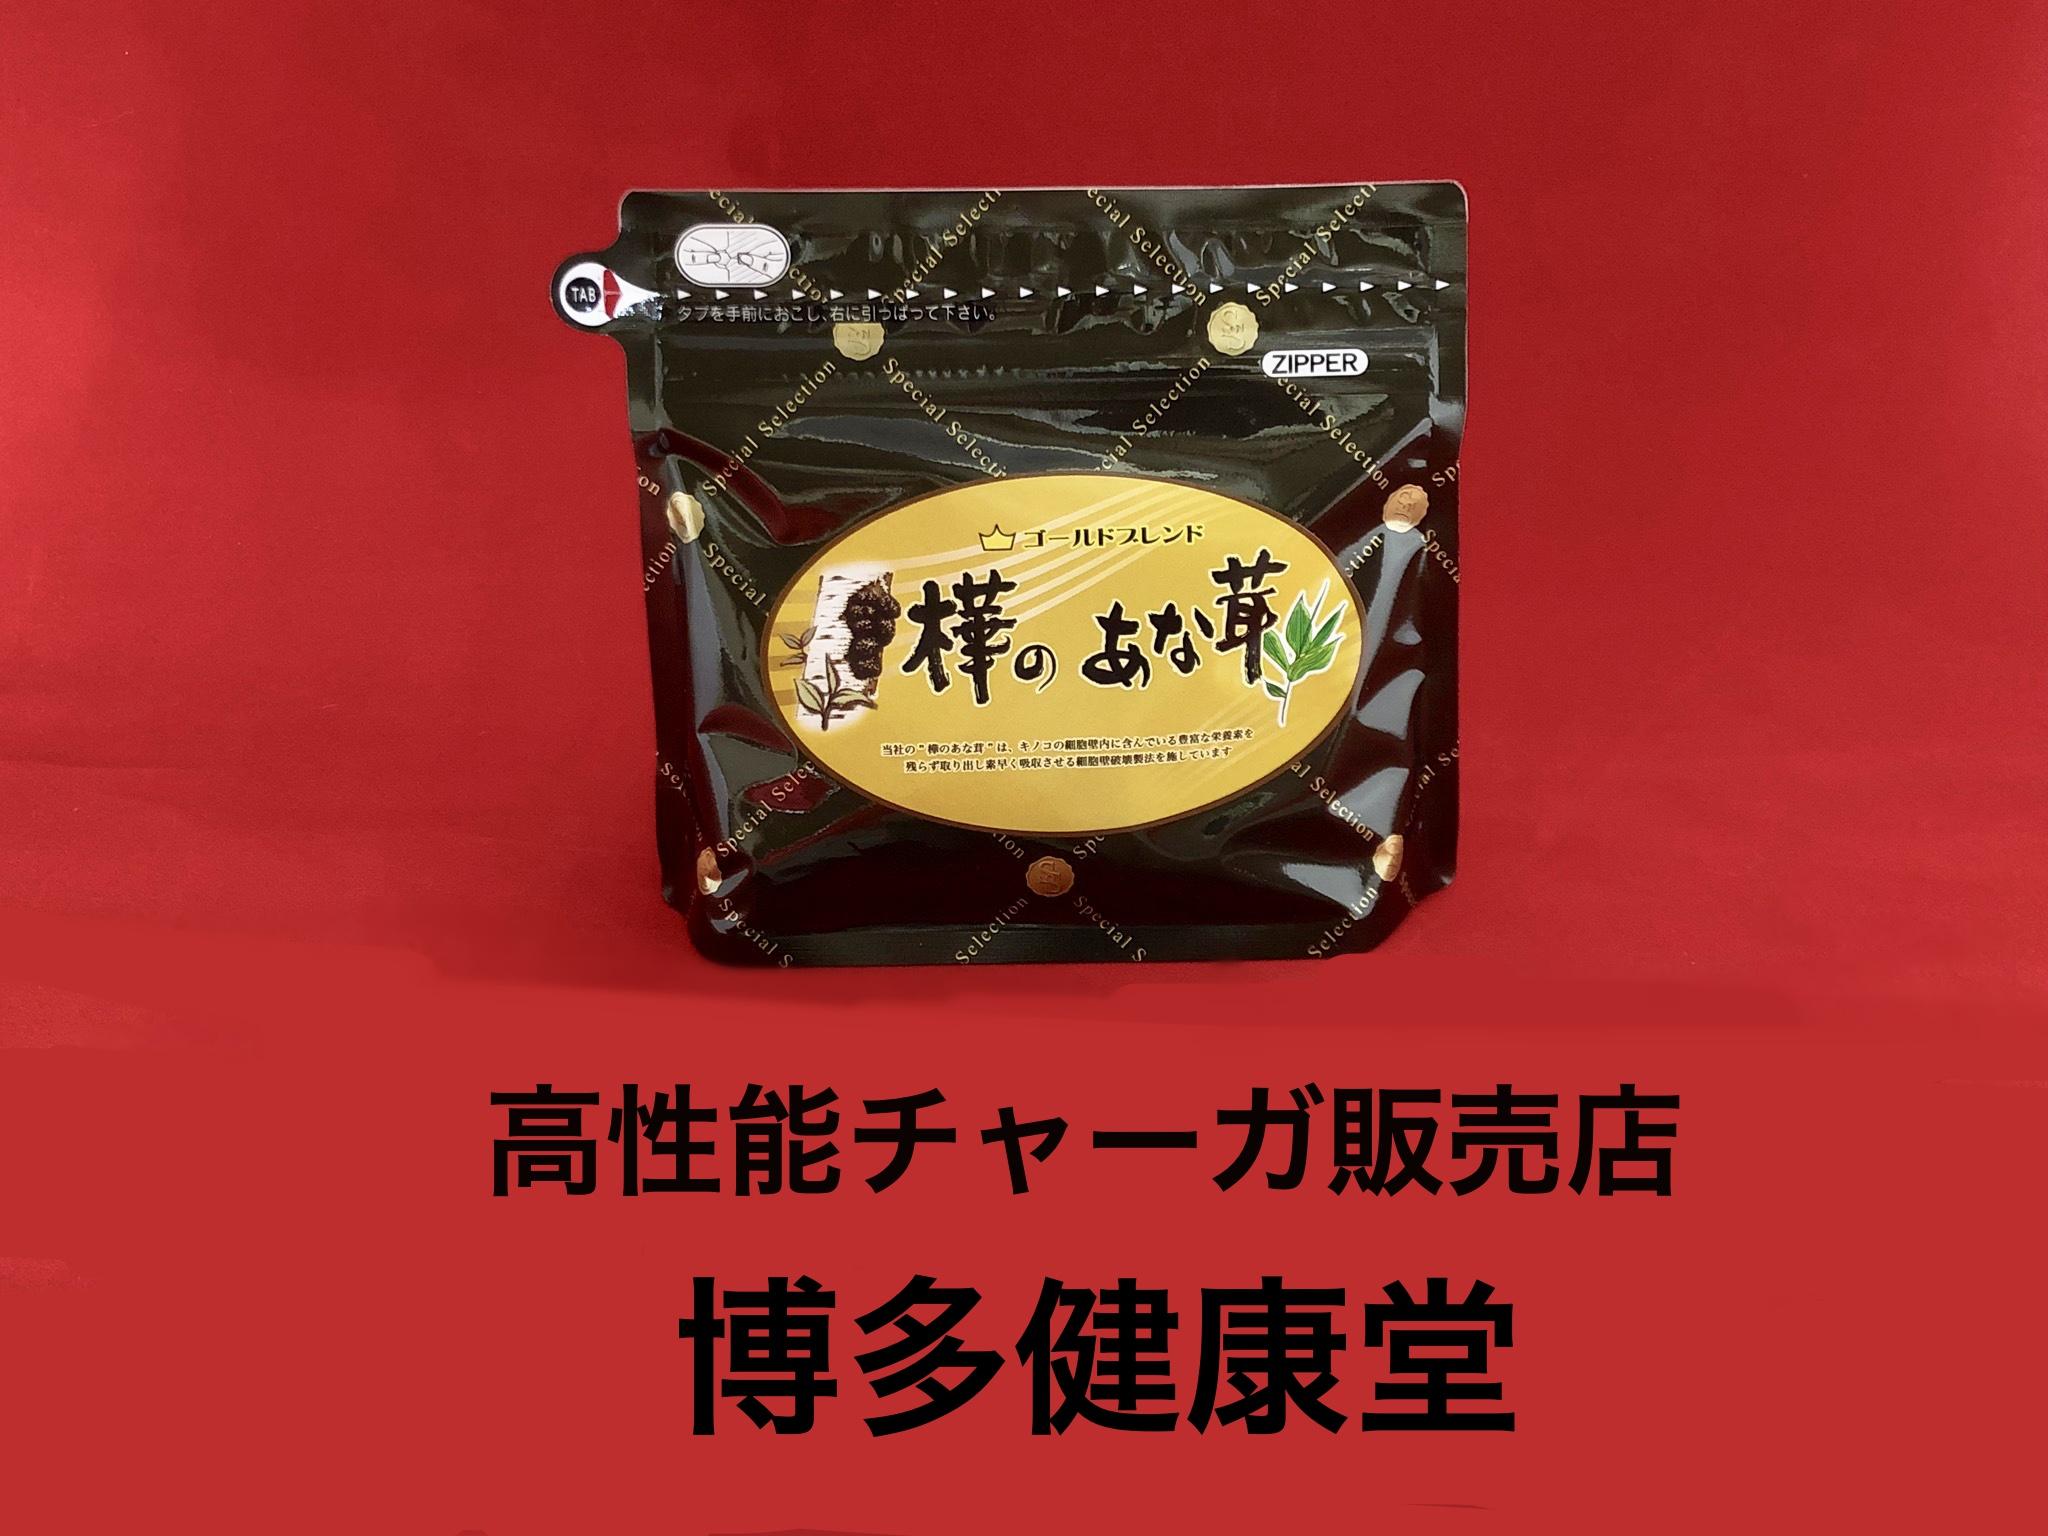 「高品質チャーガサプリ販売店」博多健康堂